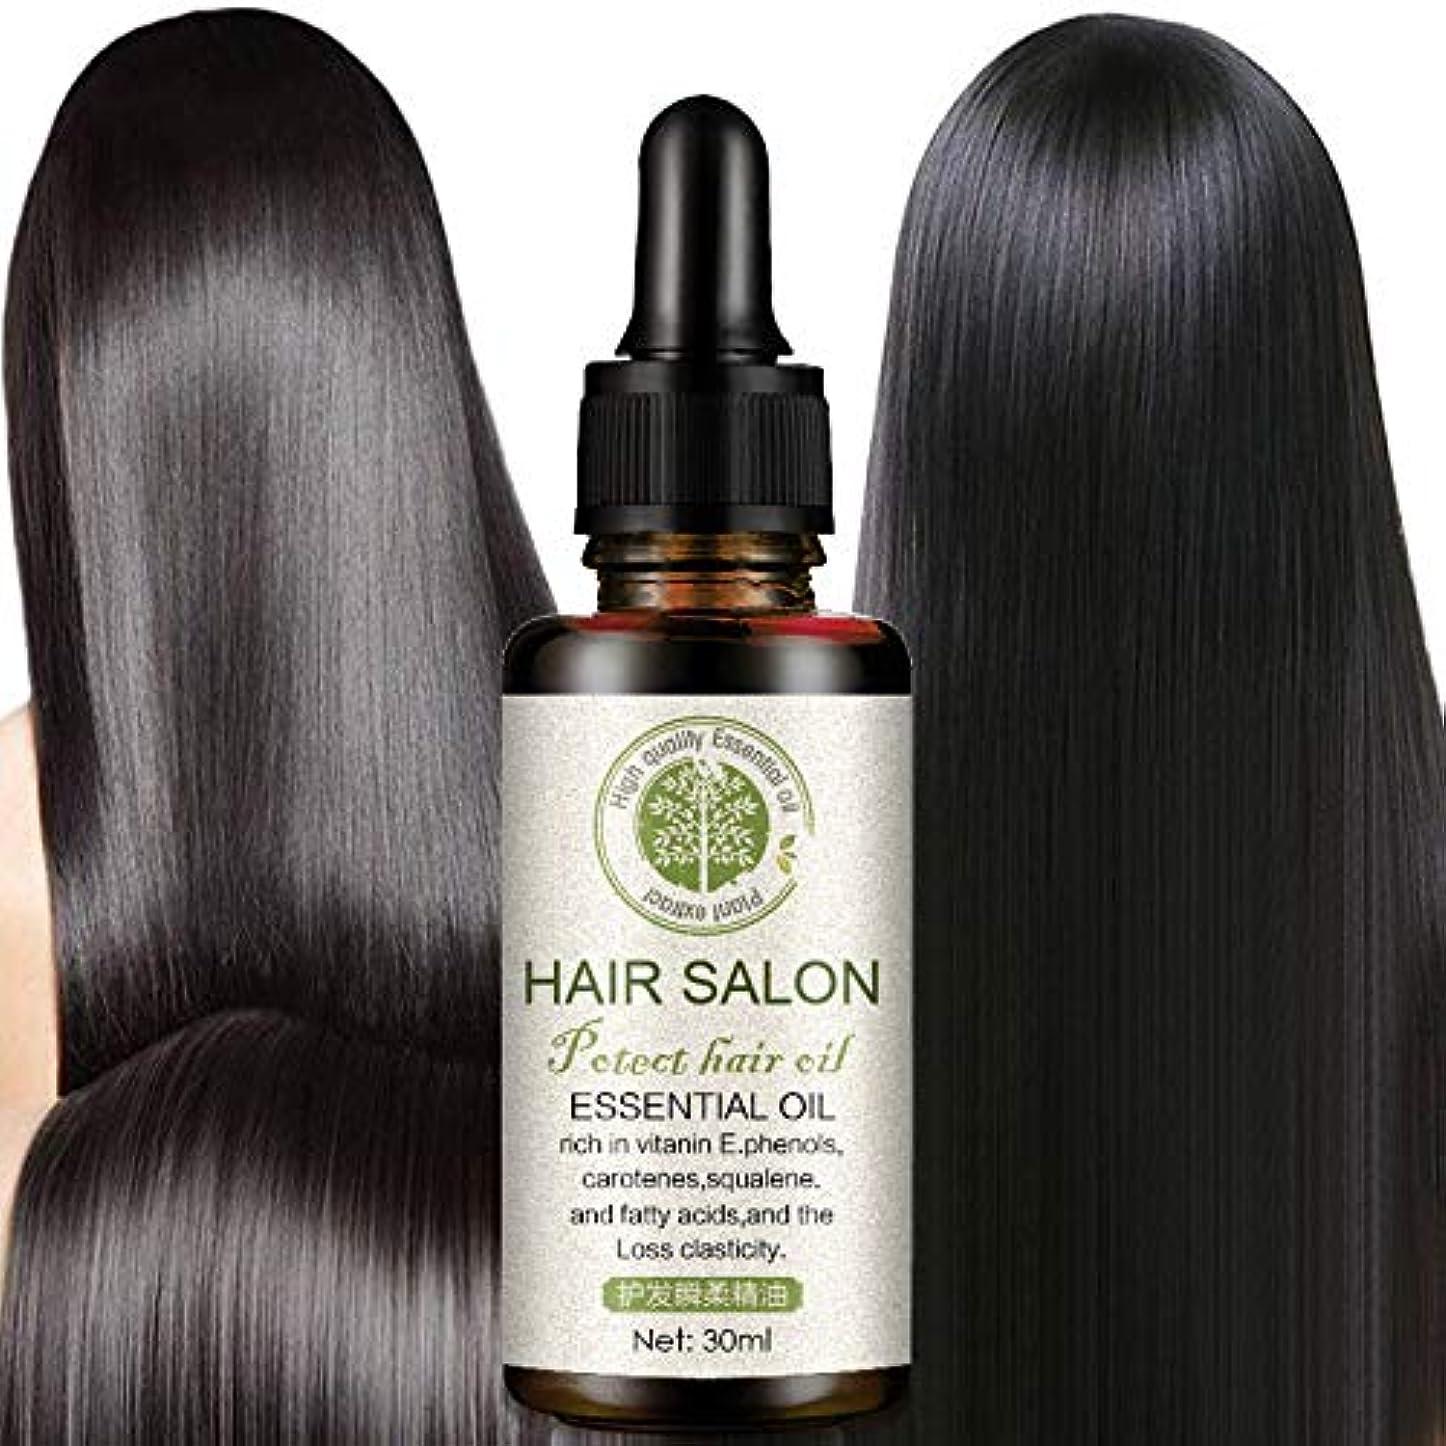 保有者排出強打Symboat ヘアケアエッセンシャルオイル 乾燥した 傷んだ髪 修復 頭皮治療 洗わない やわらか なめらか しなやかさ 栄養補給 保湿